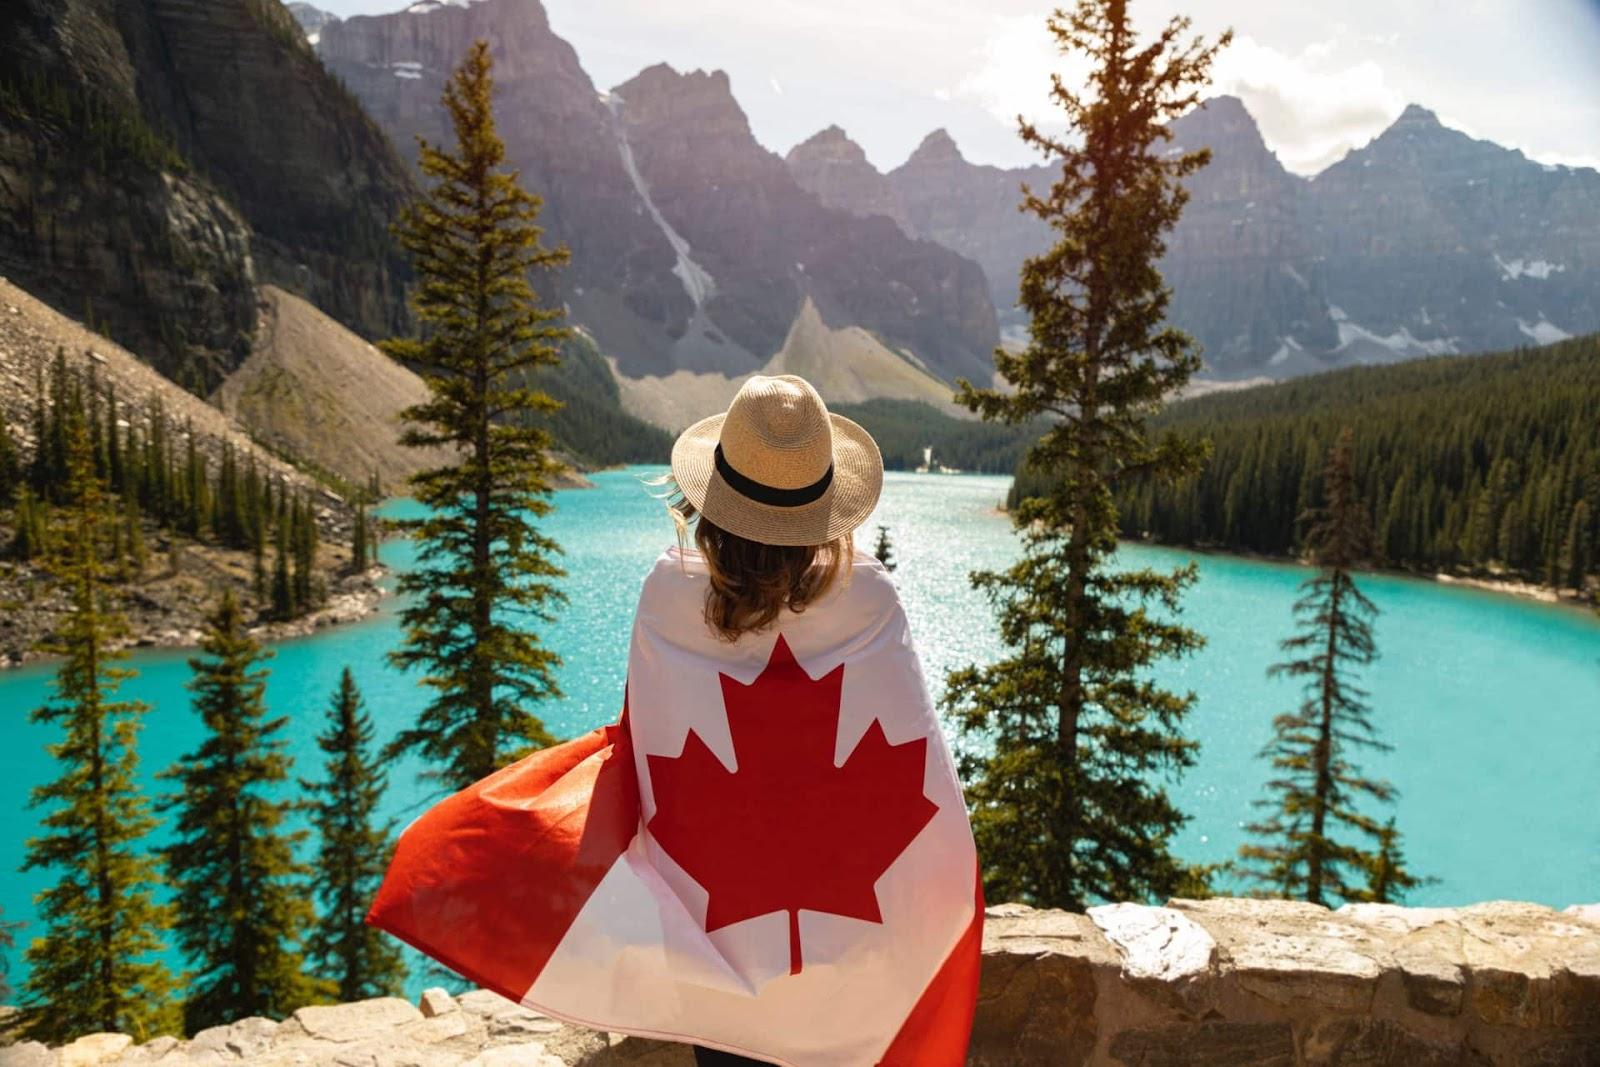 người canada nói tiếng gì, ngôn ngữ của canada, ngôn ngữ chính của canada, canada dùng ngôn ngữ gì, canada sử dụng ngôn ngữ gì, ngôn ngữ ở canada, nước canada nói tiếng gì, ngôn ngữ của người canada, ngôn ngữ chính của canada là gì, canada sử dụng ngôn ngữ nào, ở canada nói tiếng gì, ngôn ngữ tại canada, ngôn ngữ của nước canada, ngôn ngữ chủ yếu ở canada, ngôn ngữ của canada là gì, canada nói ngôn ngữ gì, ngôn ngữ nước canada, ngôn ngữ chính ở canada, ngôn ngữ sử dụng tại canada, ngôn ngữ chính thức của canada, đất nước canada nói tiếng gì